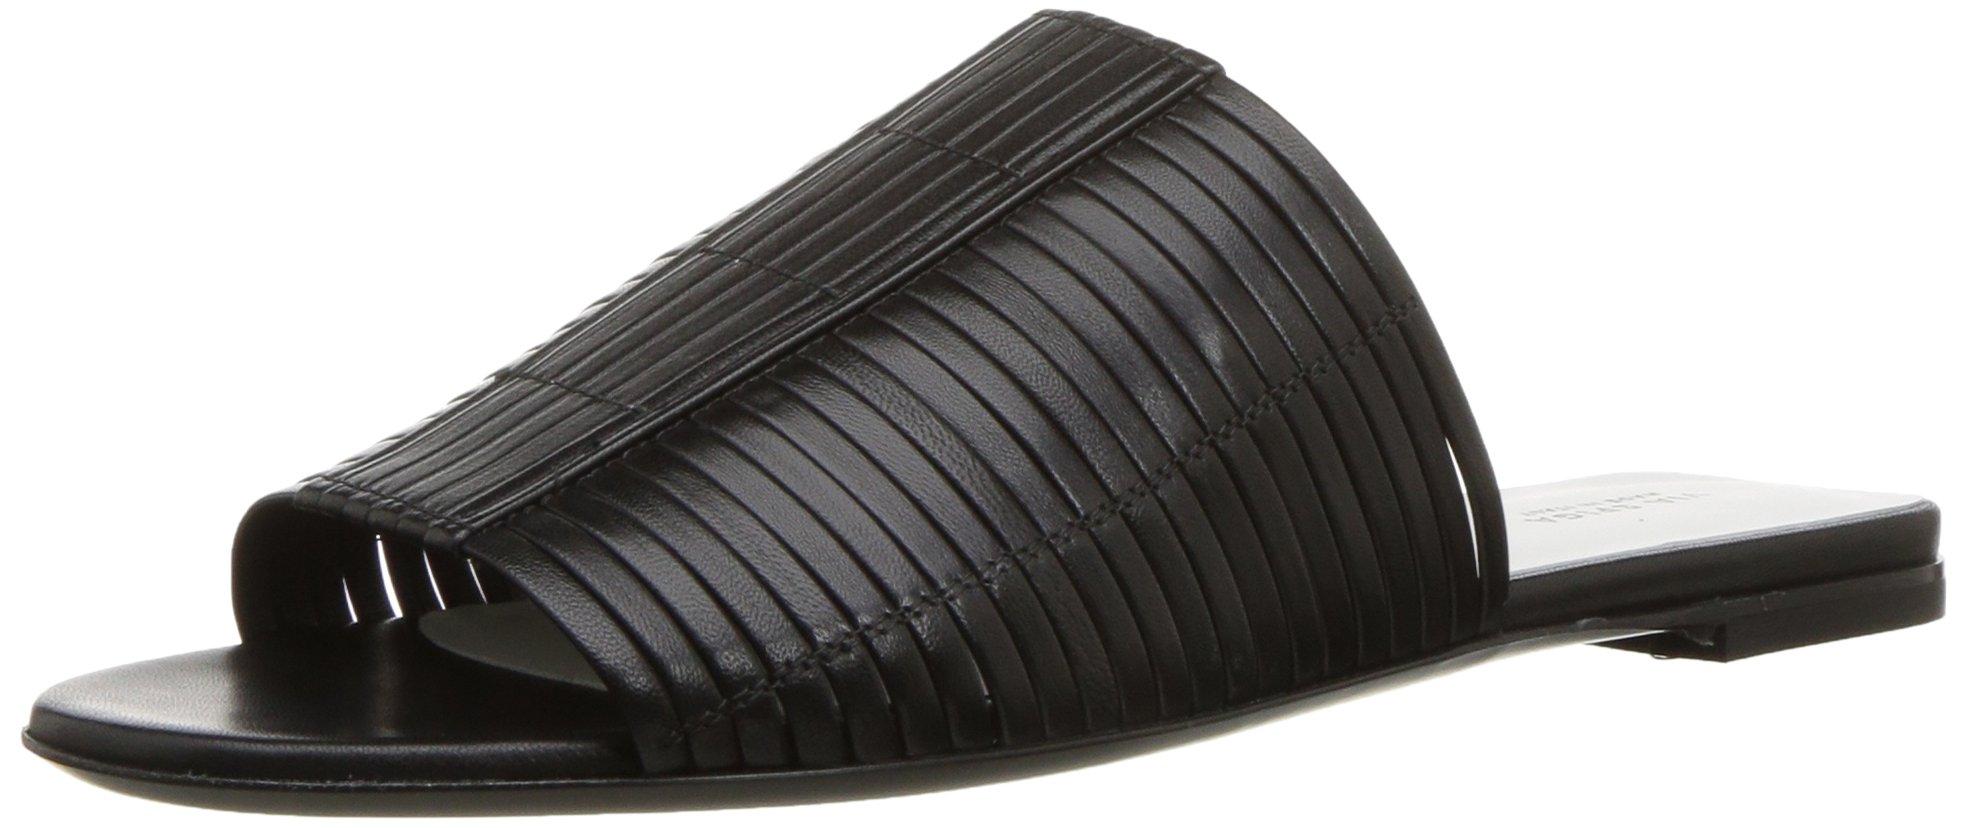 Via Spiga Women's HARLOTTE Woven Slide Sandal, Black Leather, 8 Medium US